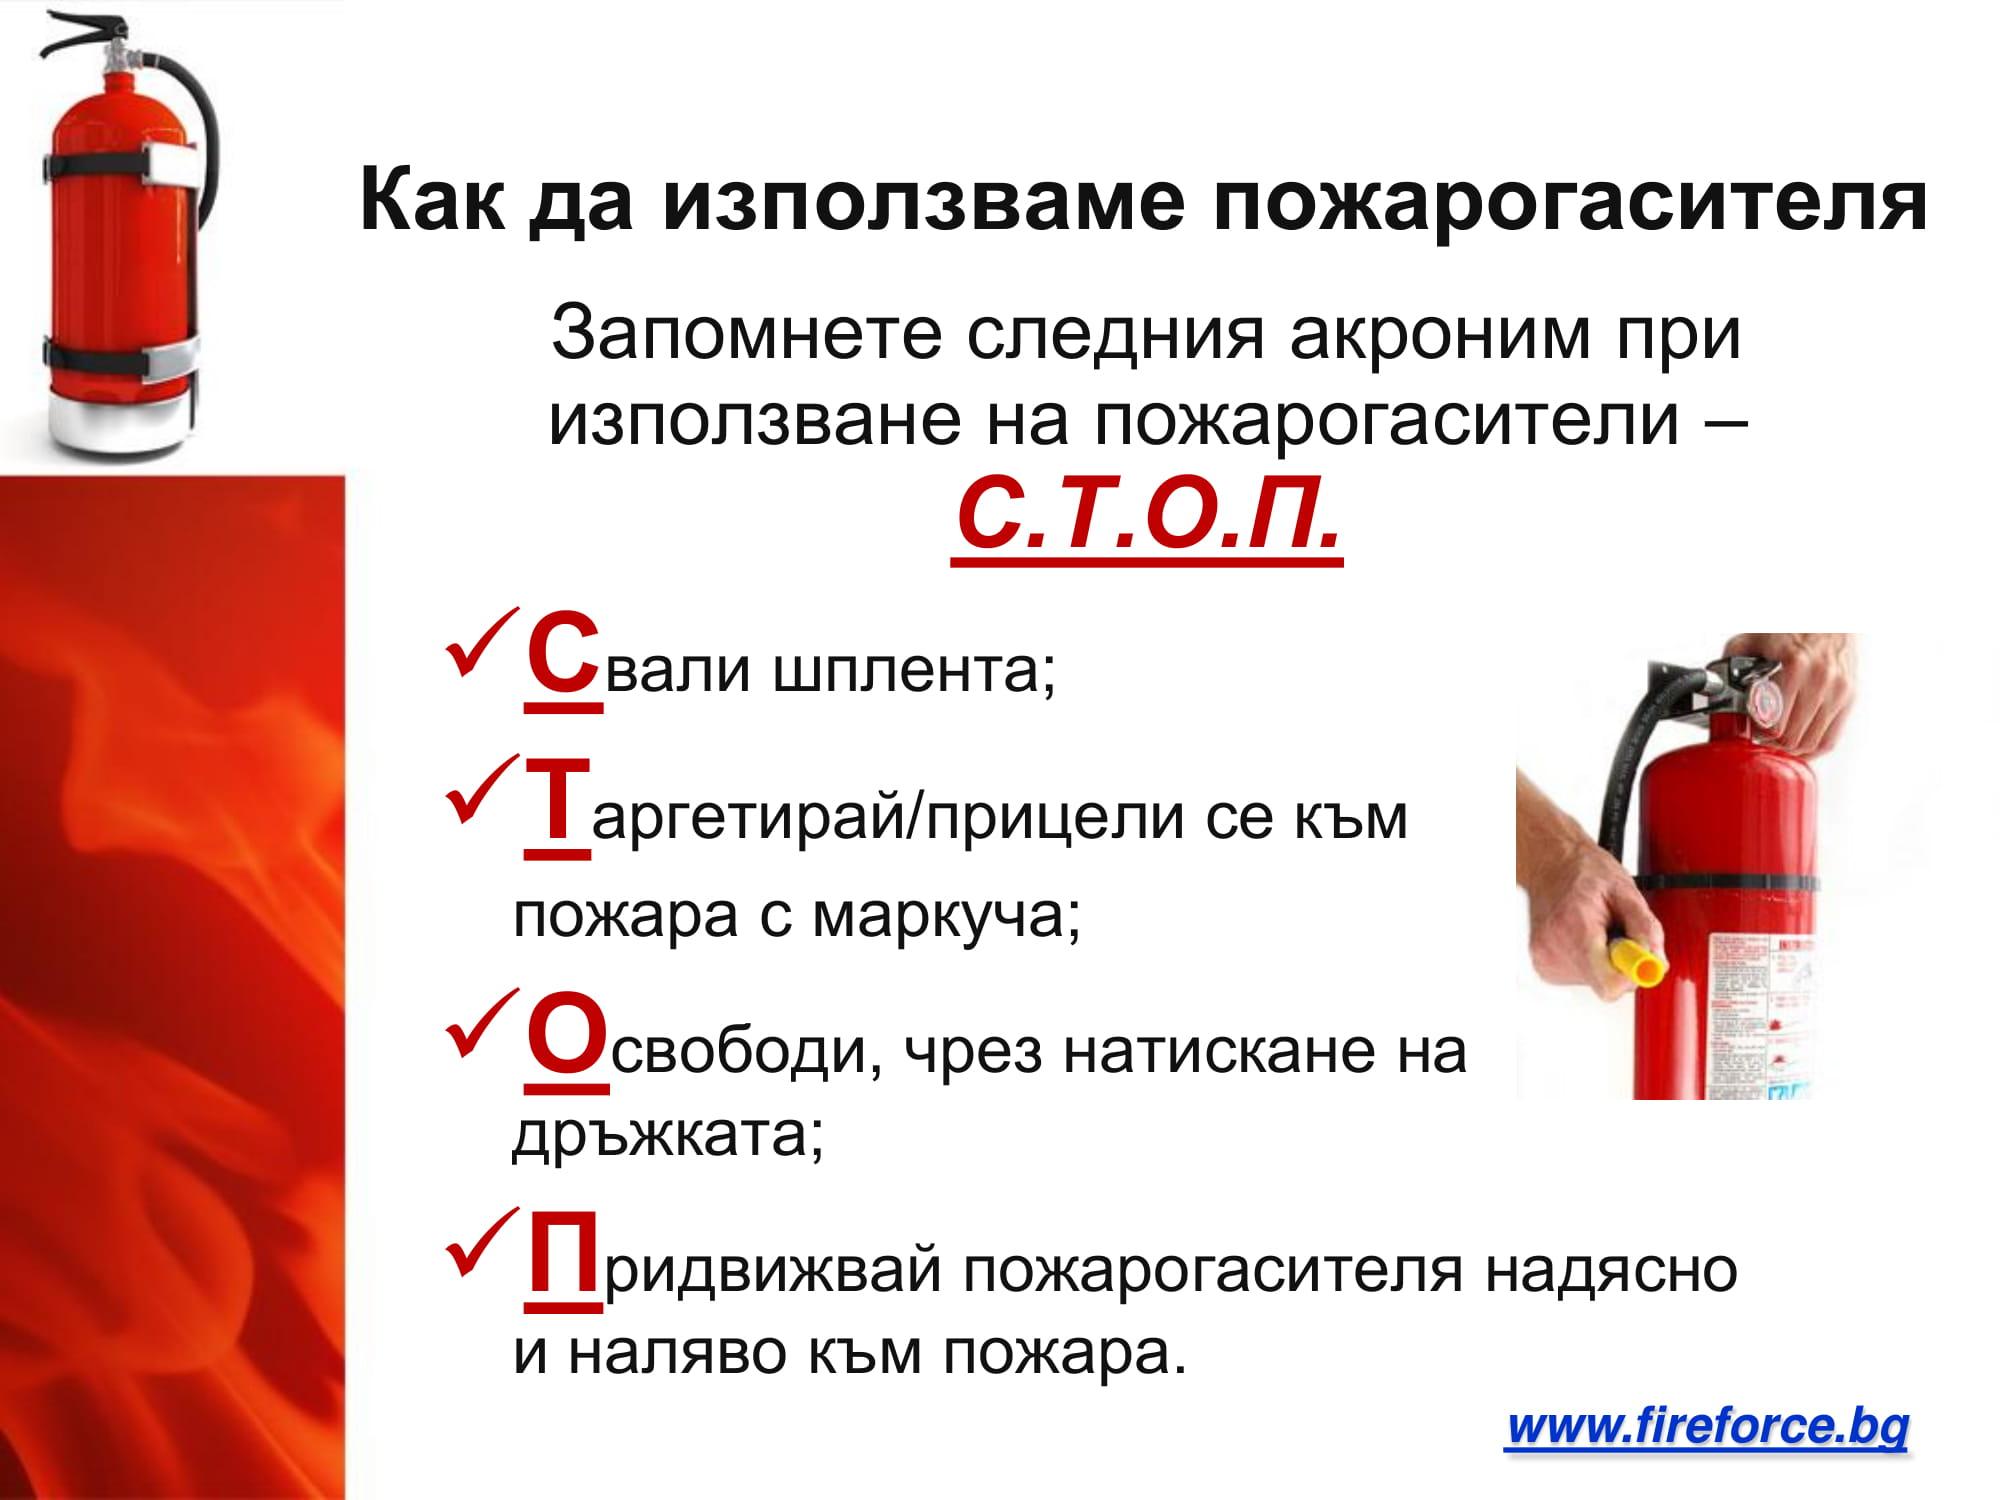 Как се работи с пожарогасител